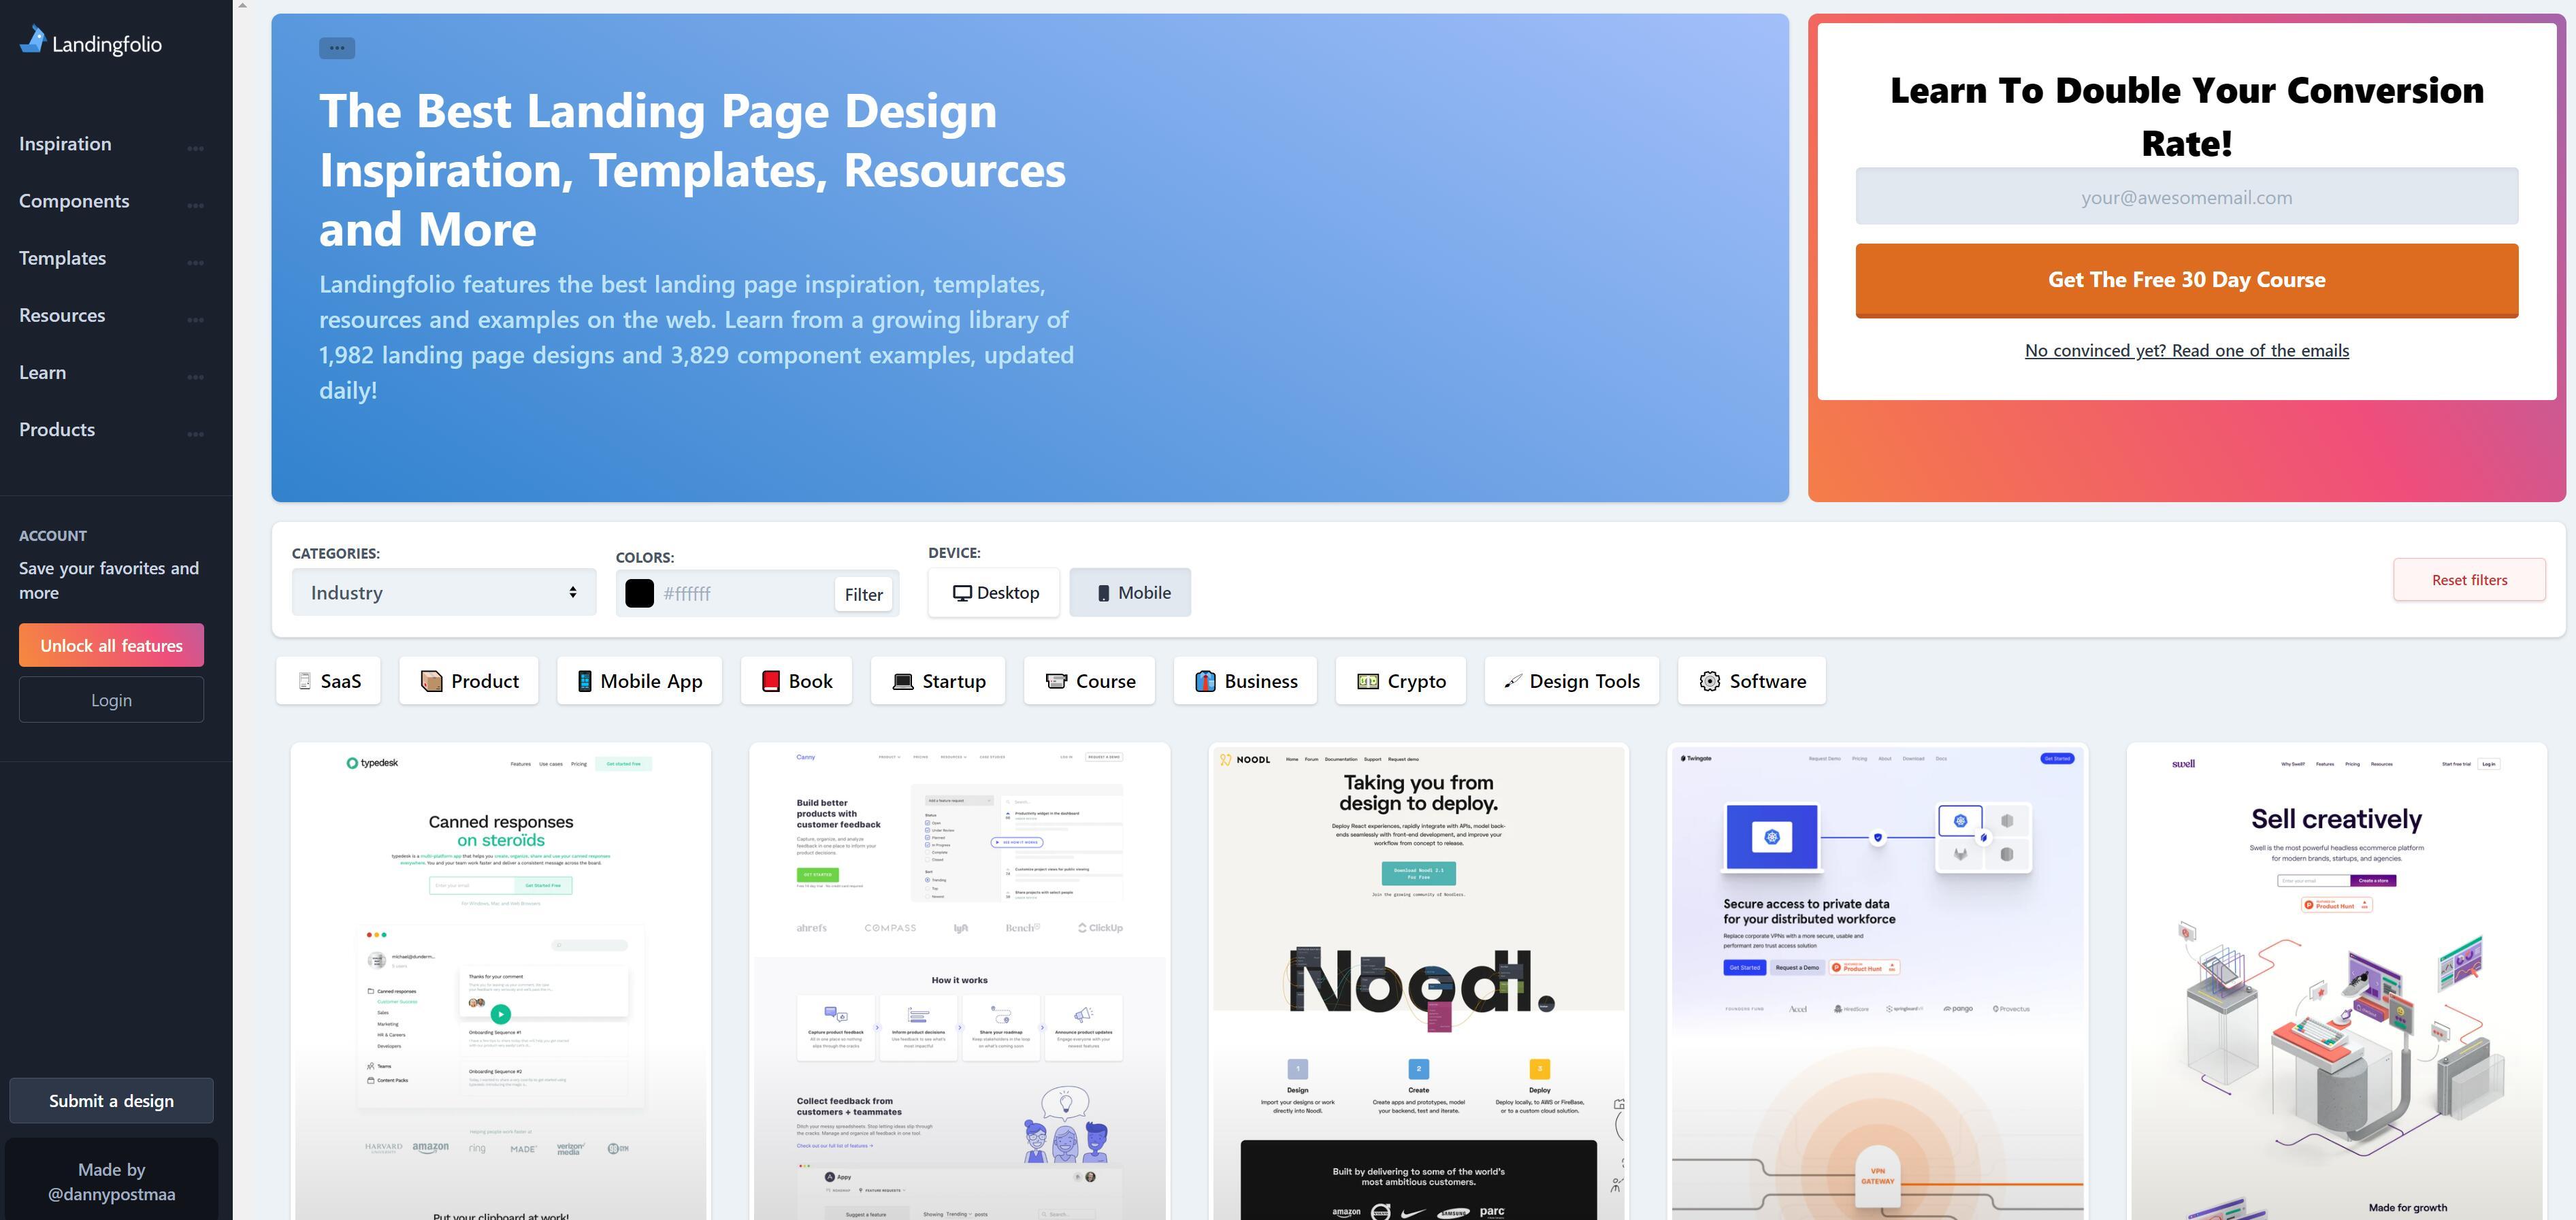 网站模板不用设计 直接下载免费网站模板